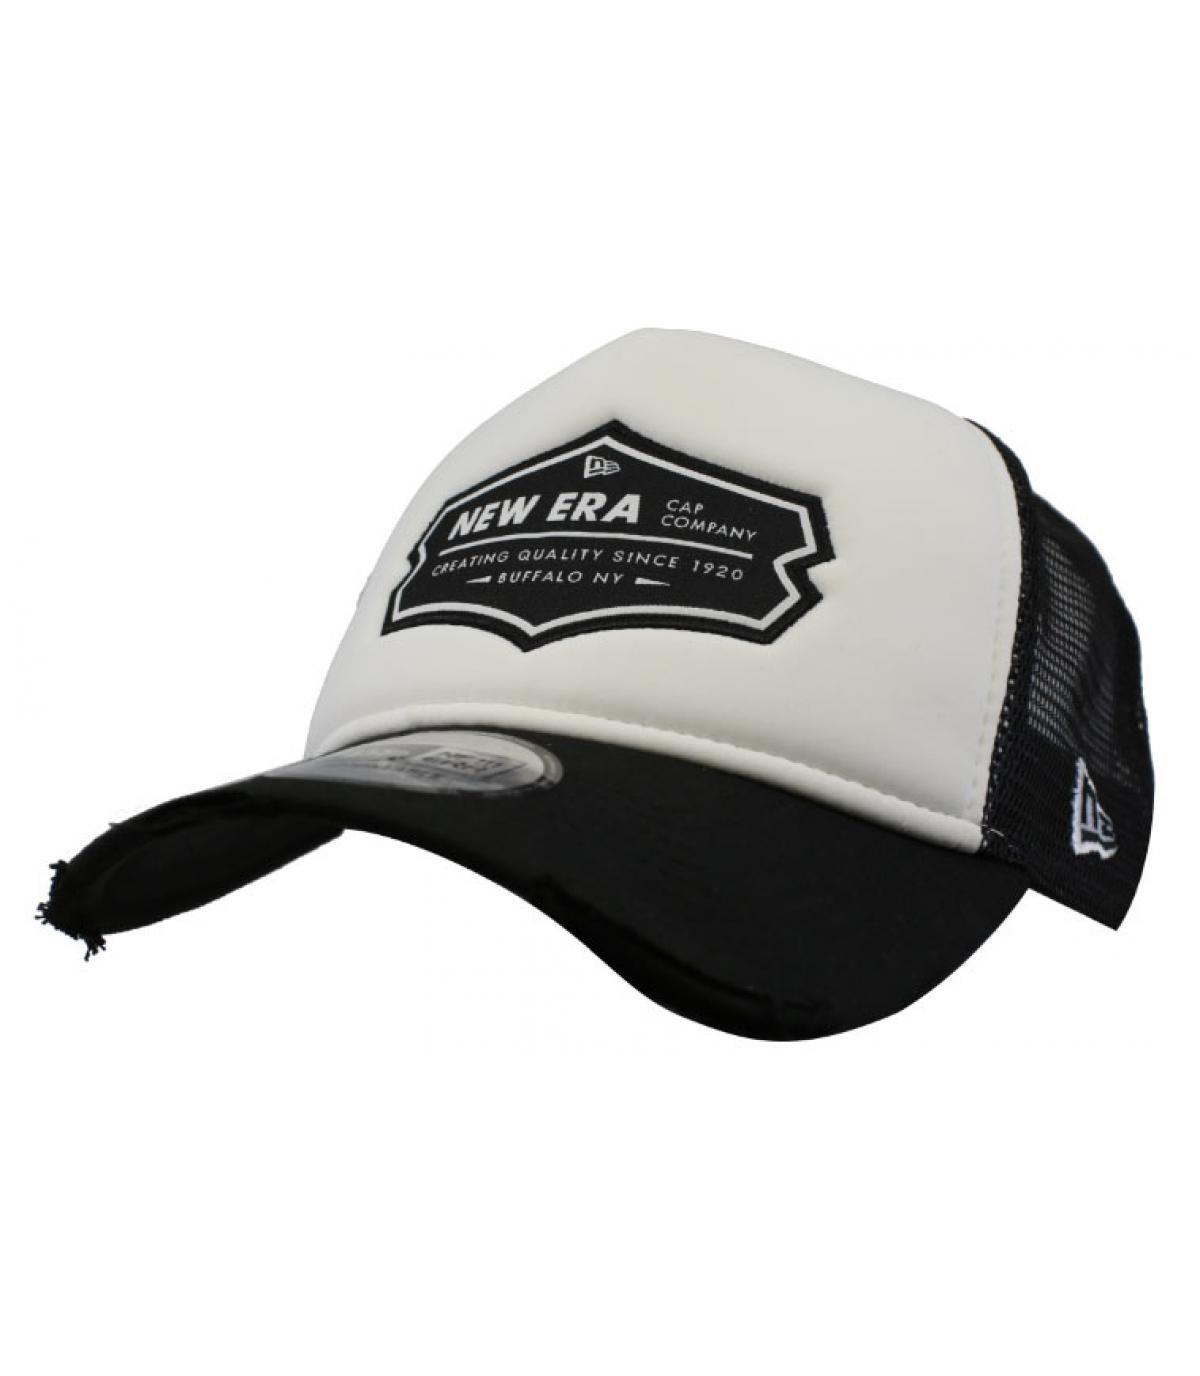 trucker New Era zwart wit